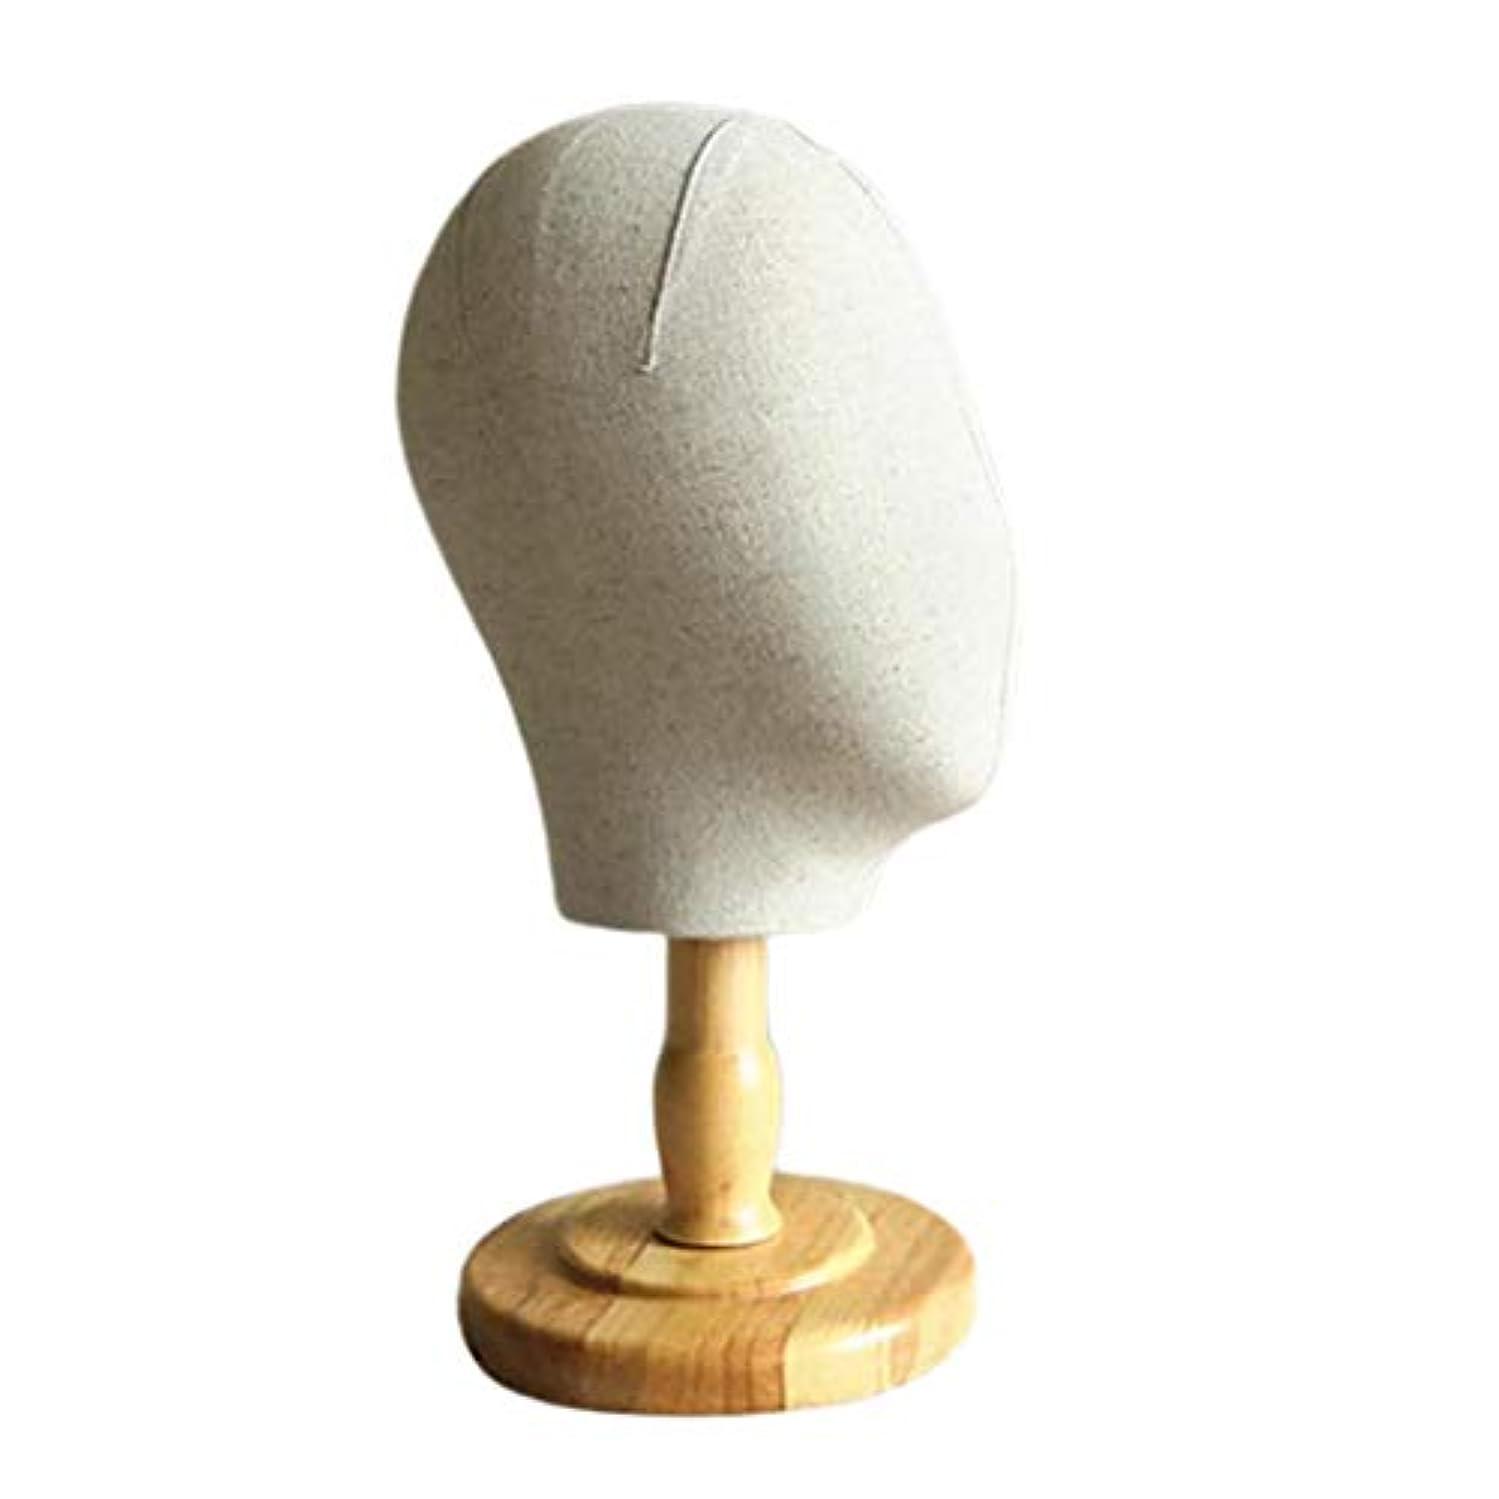 窒素きらめく注釈Injoyo マネキンヘッド 顔なし キャンバス ウィッグ 帽子 ハット ディスプレイ ホルダー